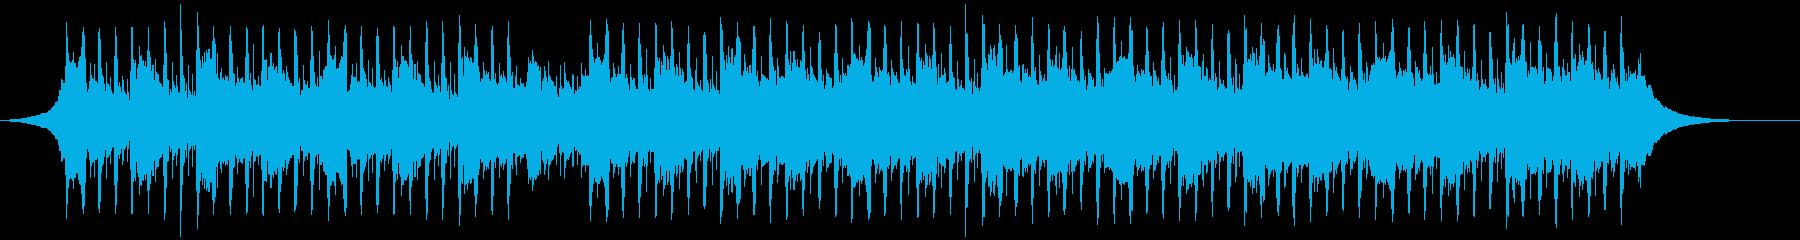 穏やかな企業(60秒)の再生済みの波形